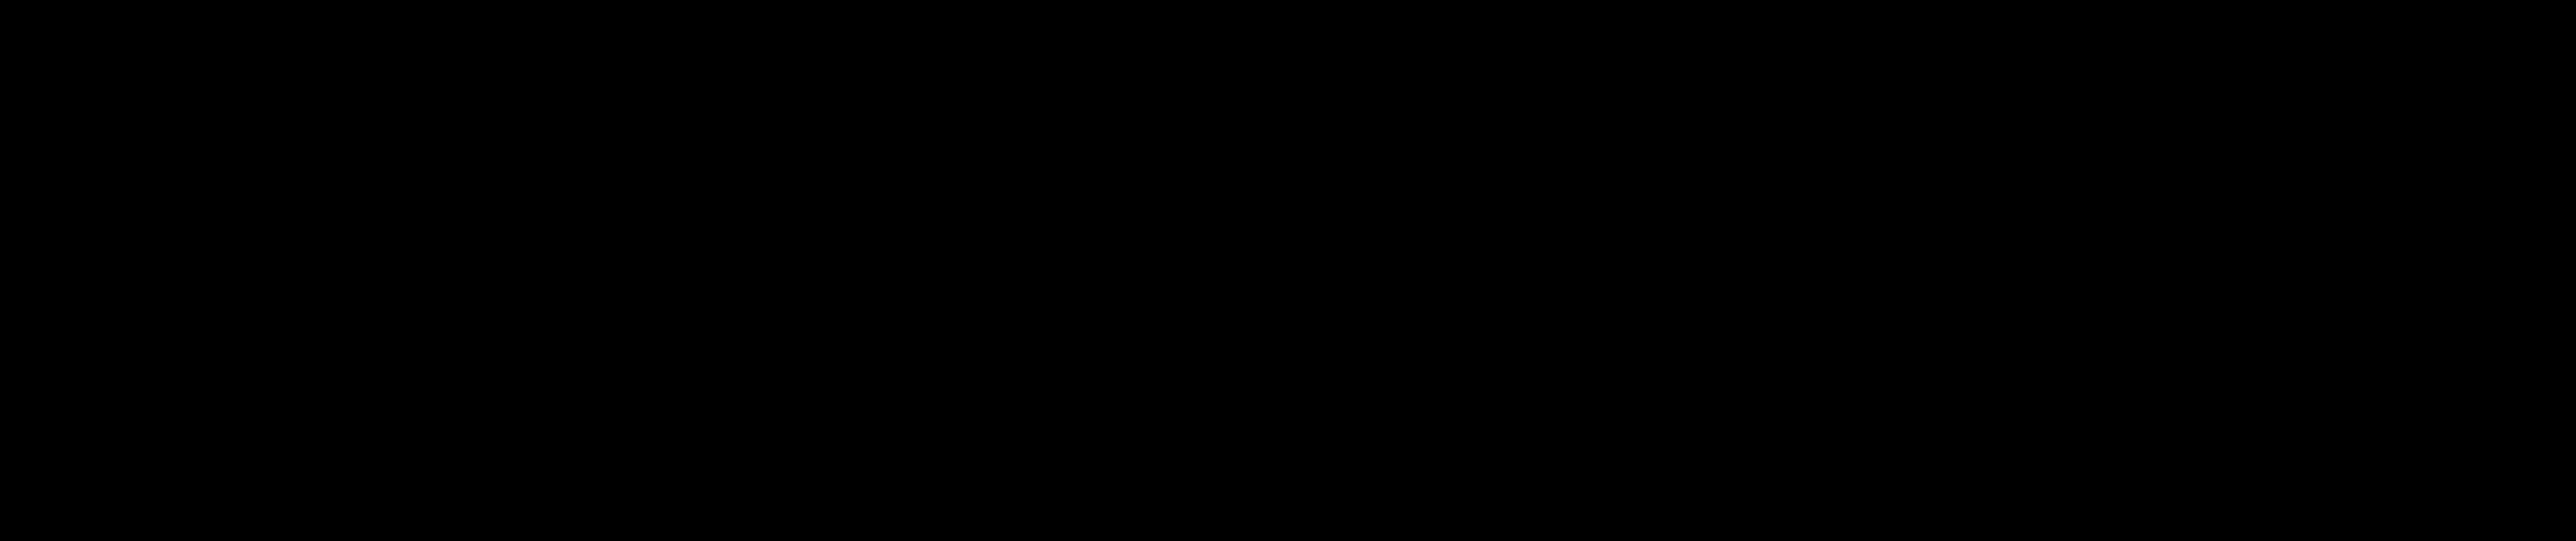 pny logo - PNY Logo